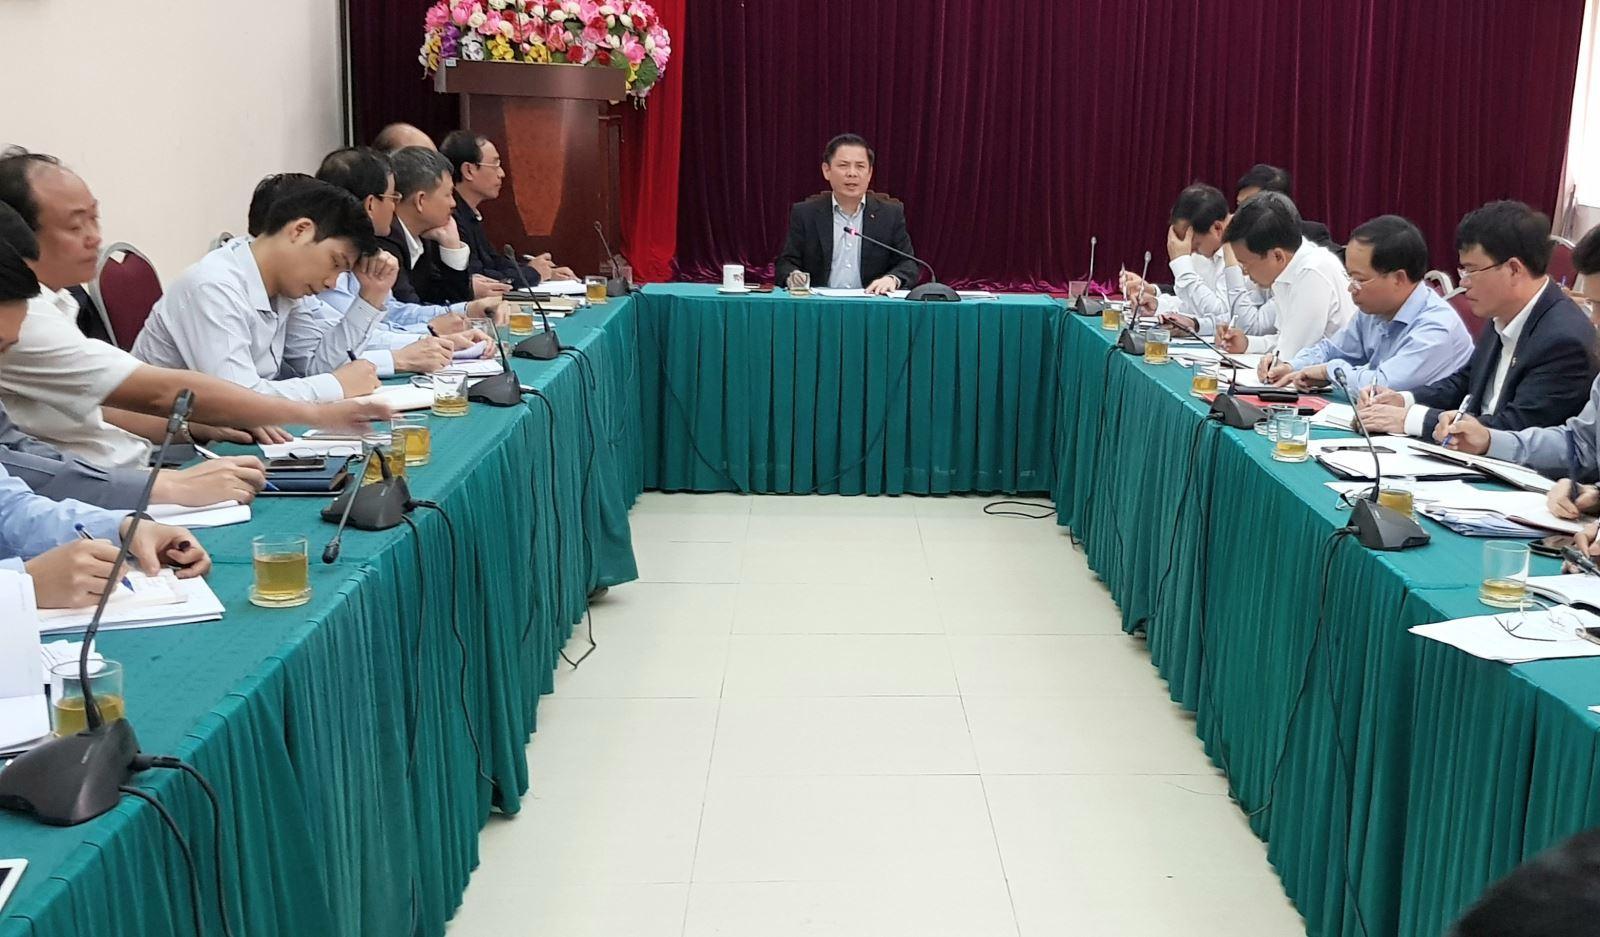 Cao tốc Bắc - Nam,BOT,Bộ trưởng Nguyễn Văn Thể,Nguyễn Văn Thể